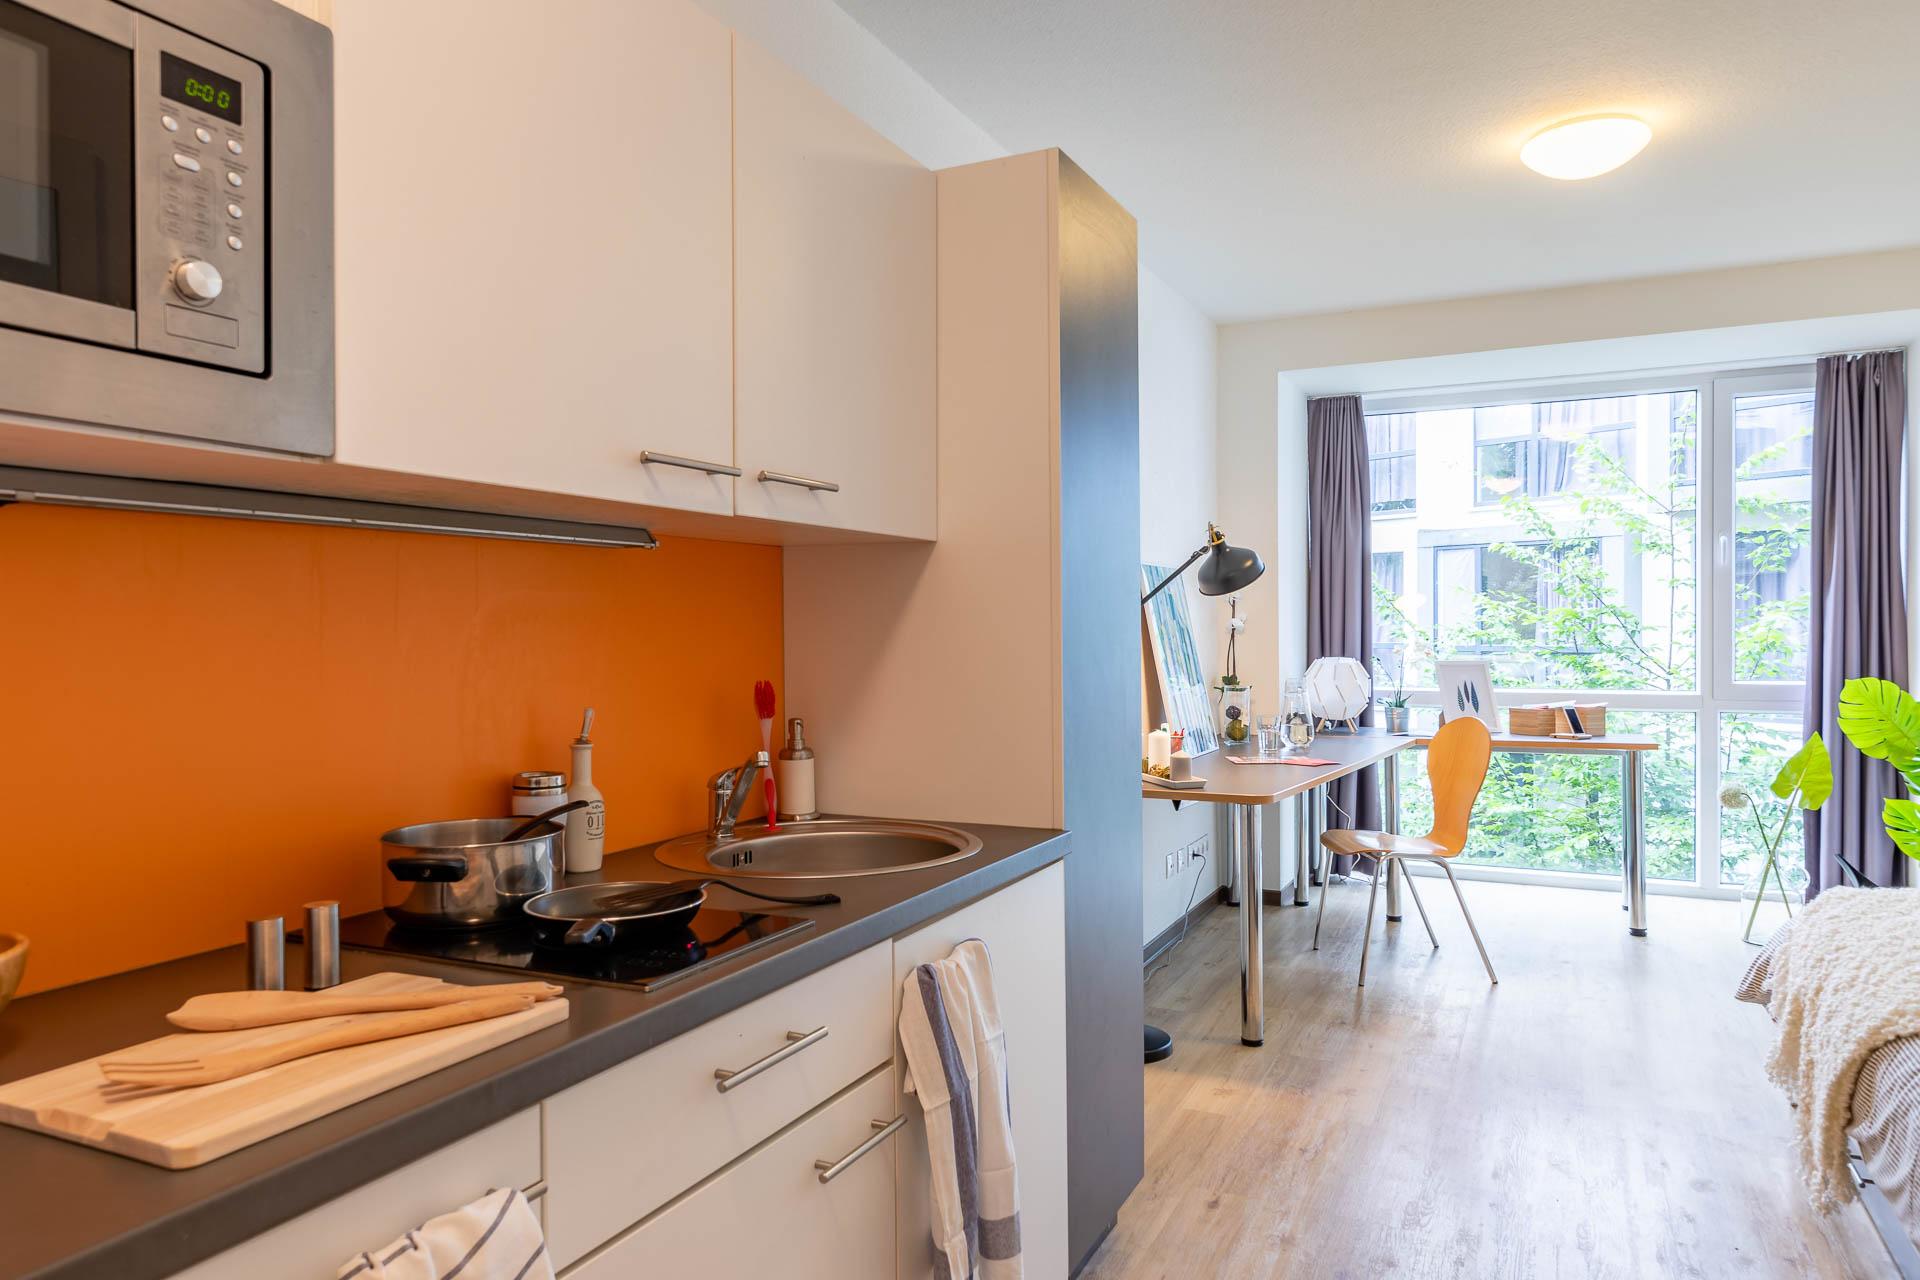 THE FIZZ Bremen Medium - Wohn- & Arbeitsbereich mit eingeschaltetem Licht